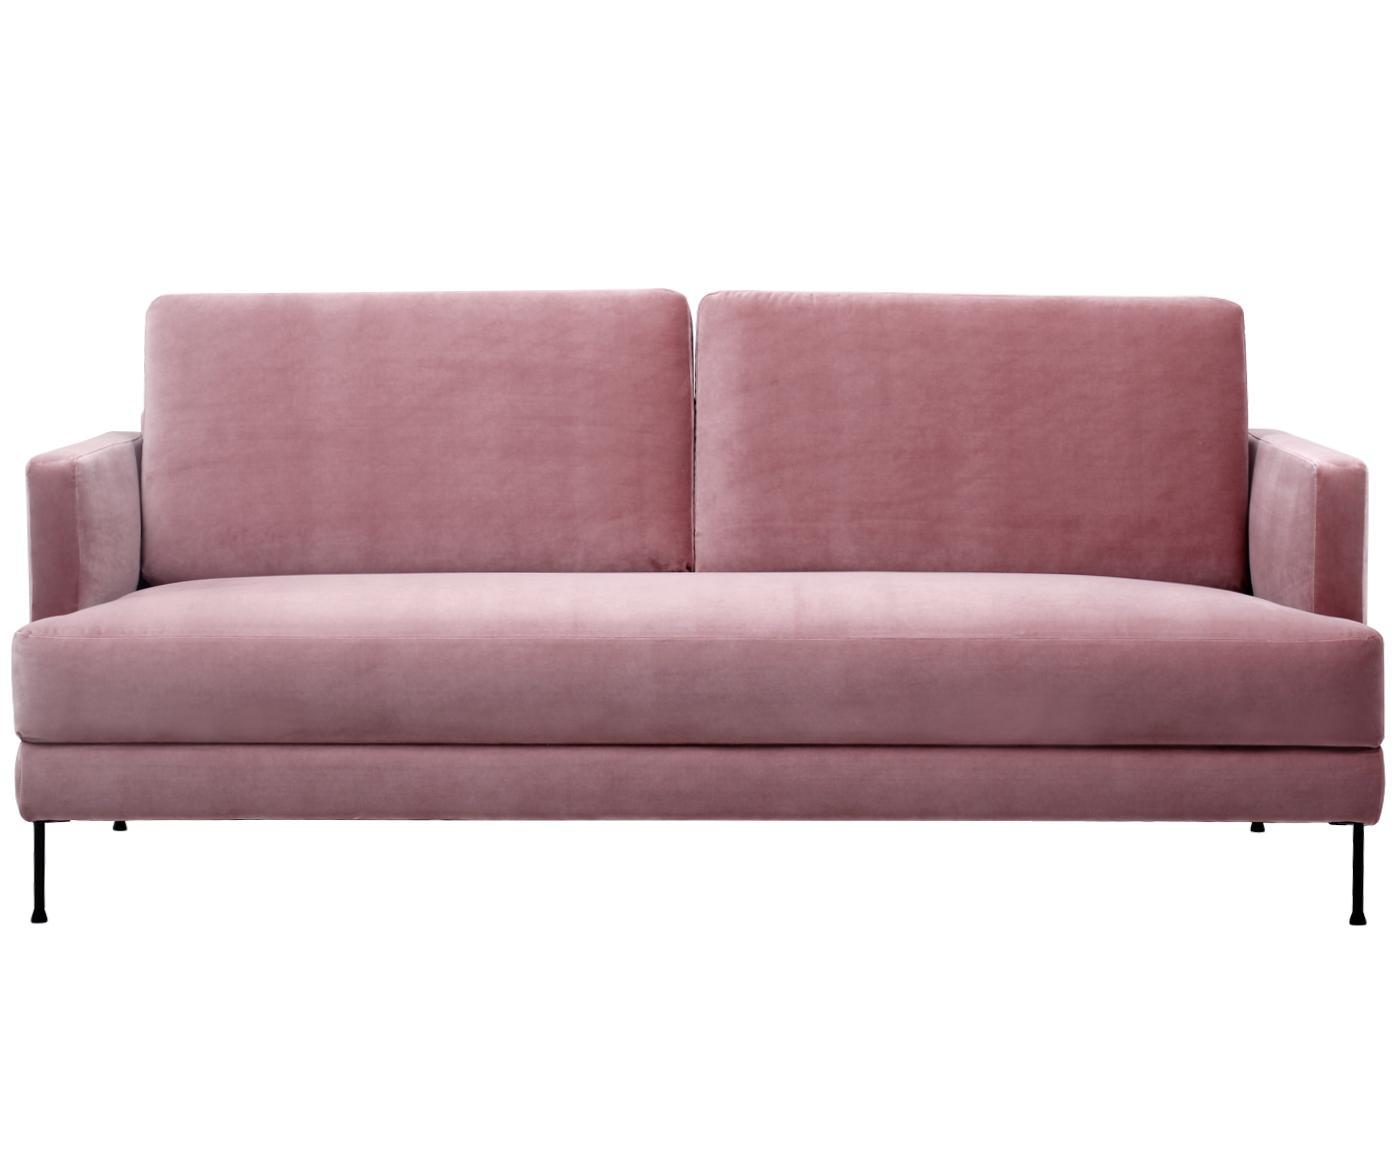 Divano 3 posti in velluto rosa Fluente, Rivestimento: velluto (copertura in pol, Struttura: legno di pino massiccio, Piedini: metallo verniciato, Velluto rosa, Larg. 197 x Prof. 83 cm